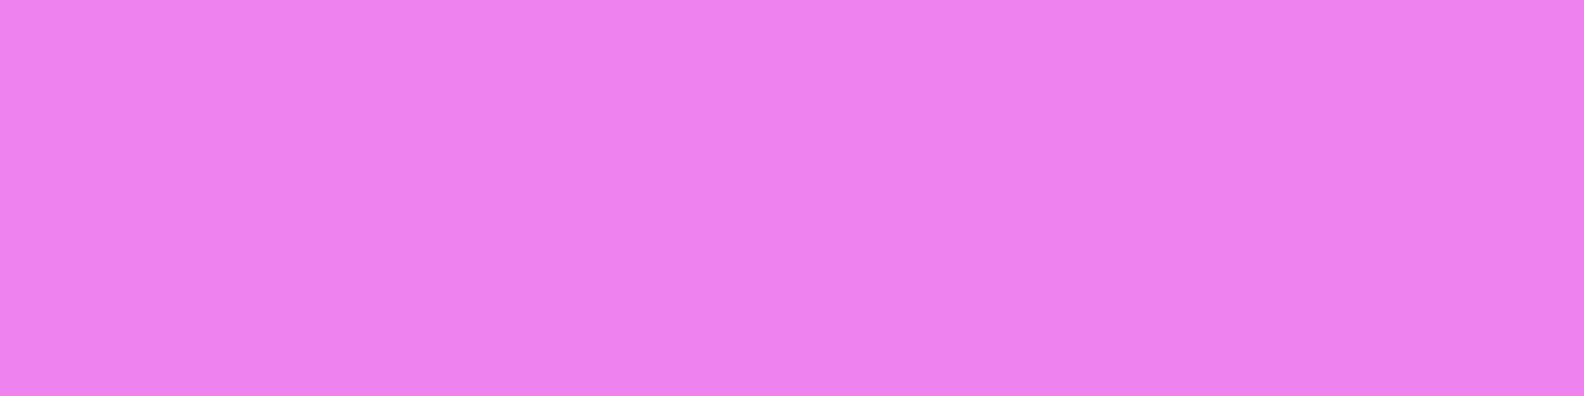 1584x396 Violet Web Solid Color Background